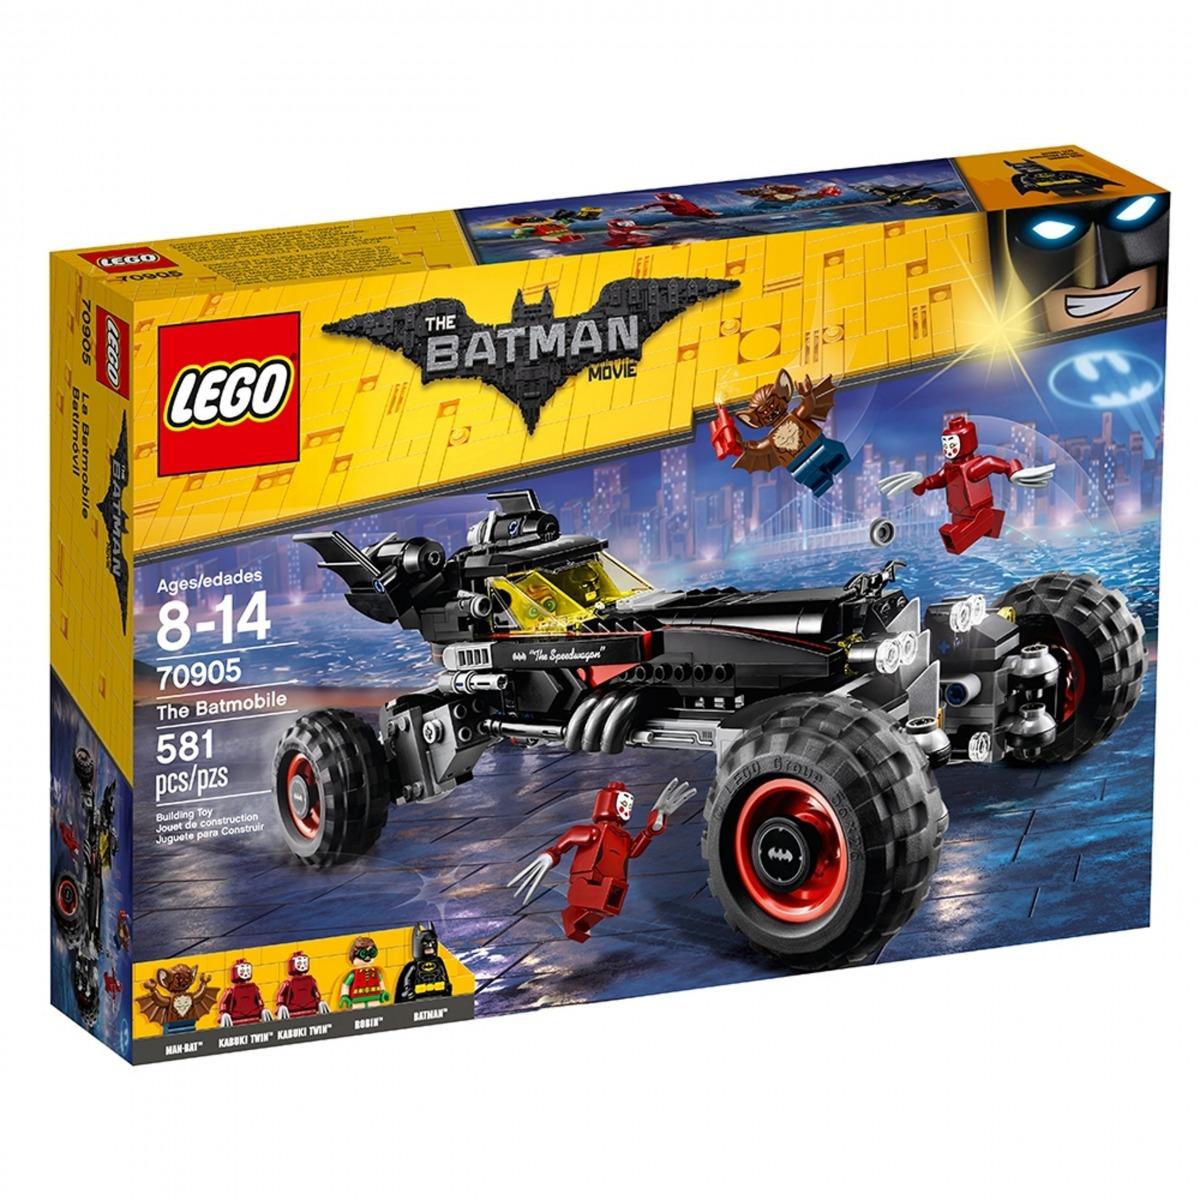 lego 70905 the batmobile scaled